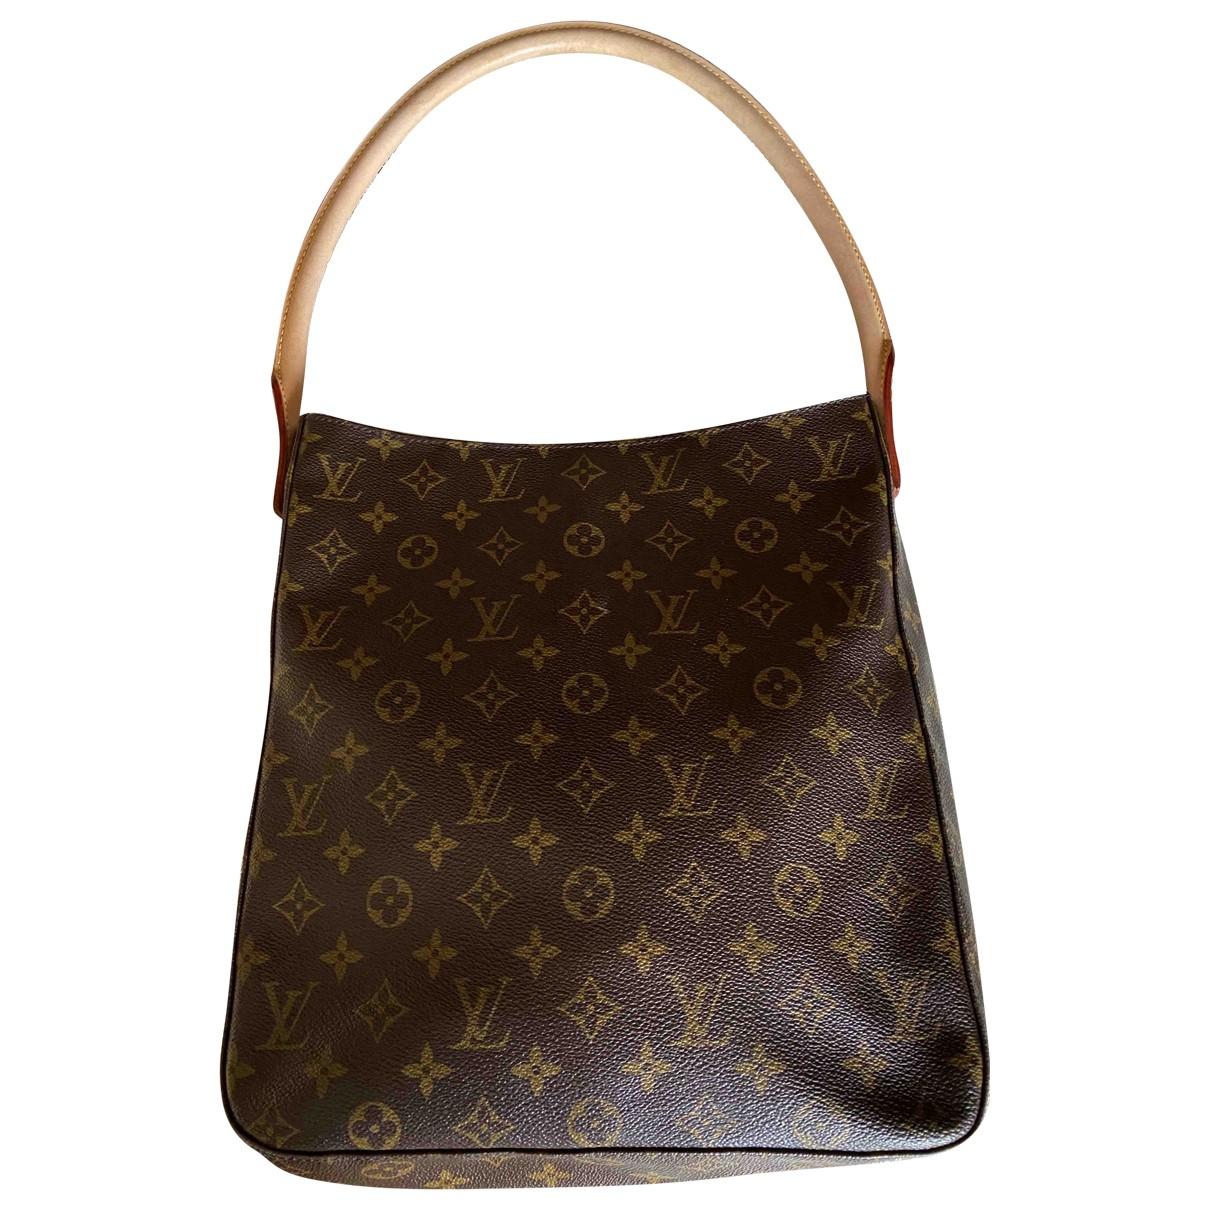 Louis Vuitton - Sac a main Looping pour femme en toile